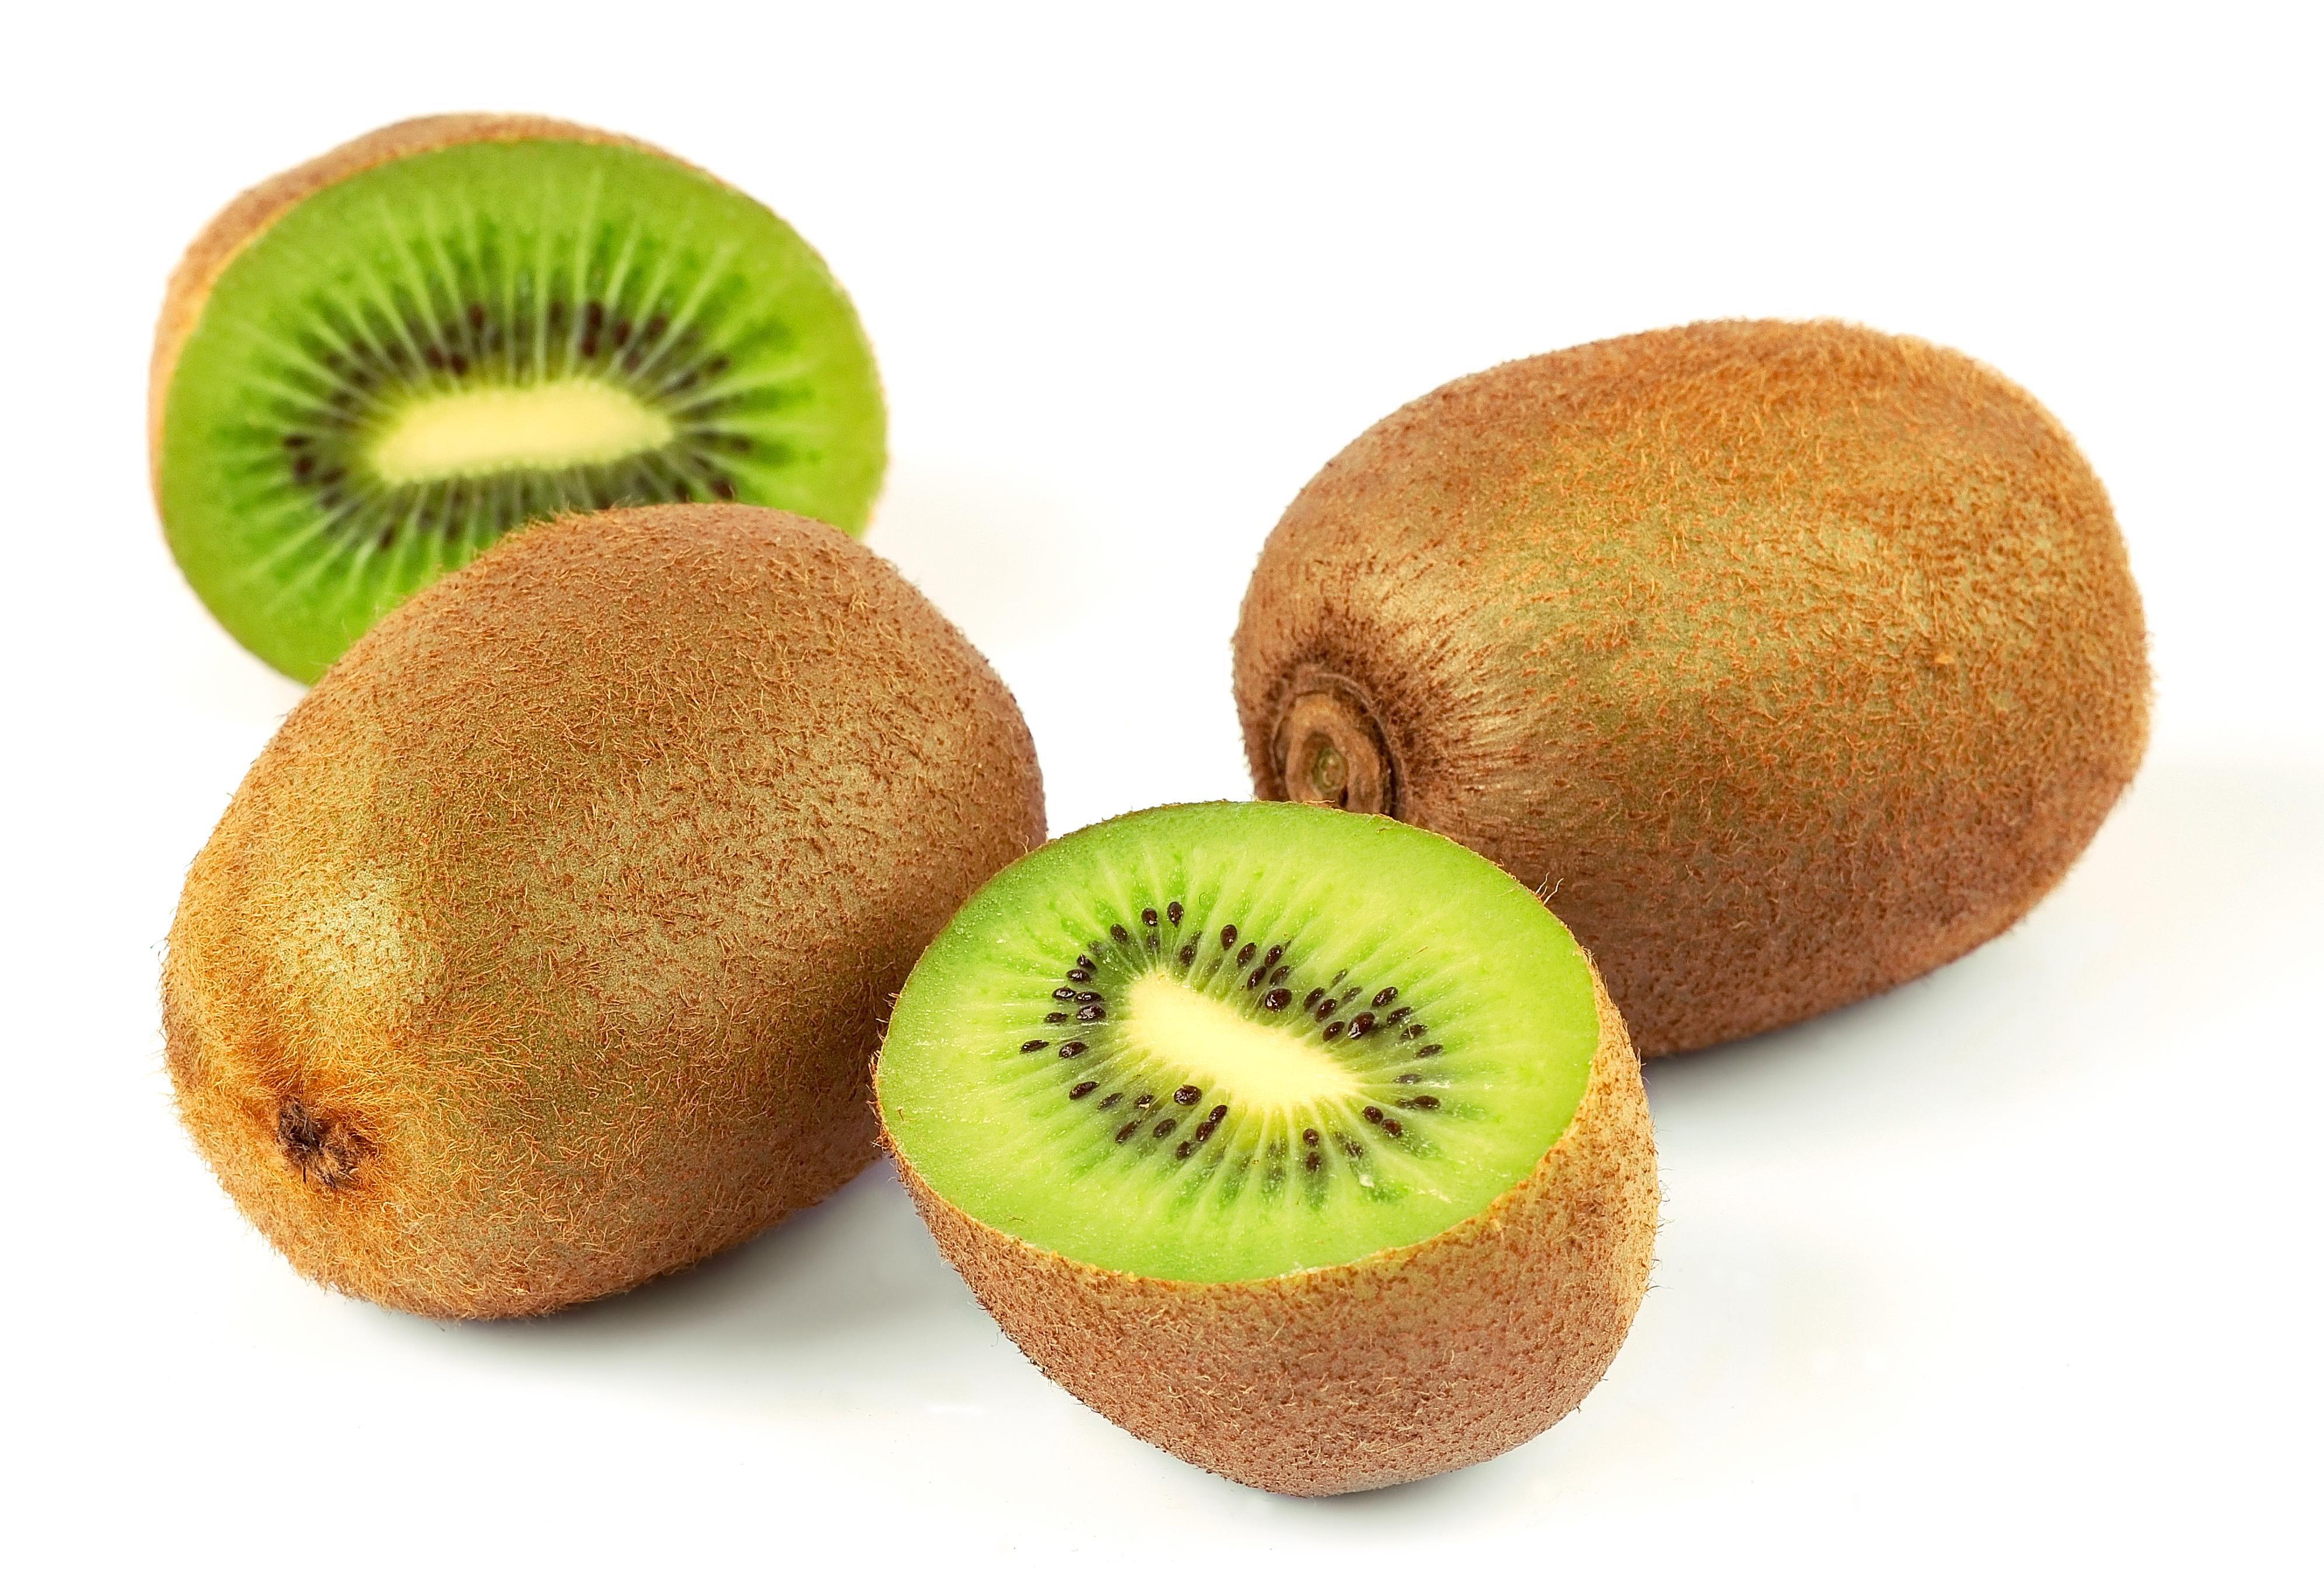 Il frutto salva dieta, il kiwi – L'insalata con indivia, kiwi, noci e radicchio